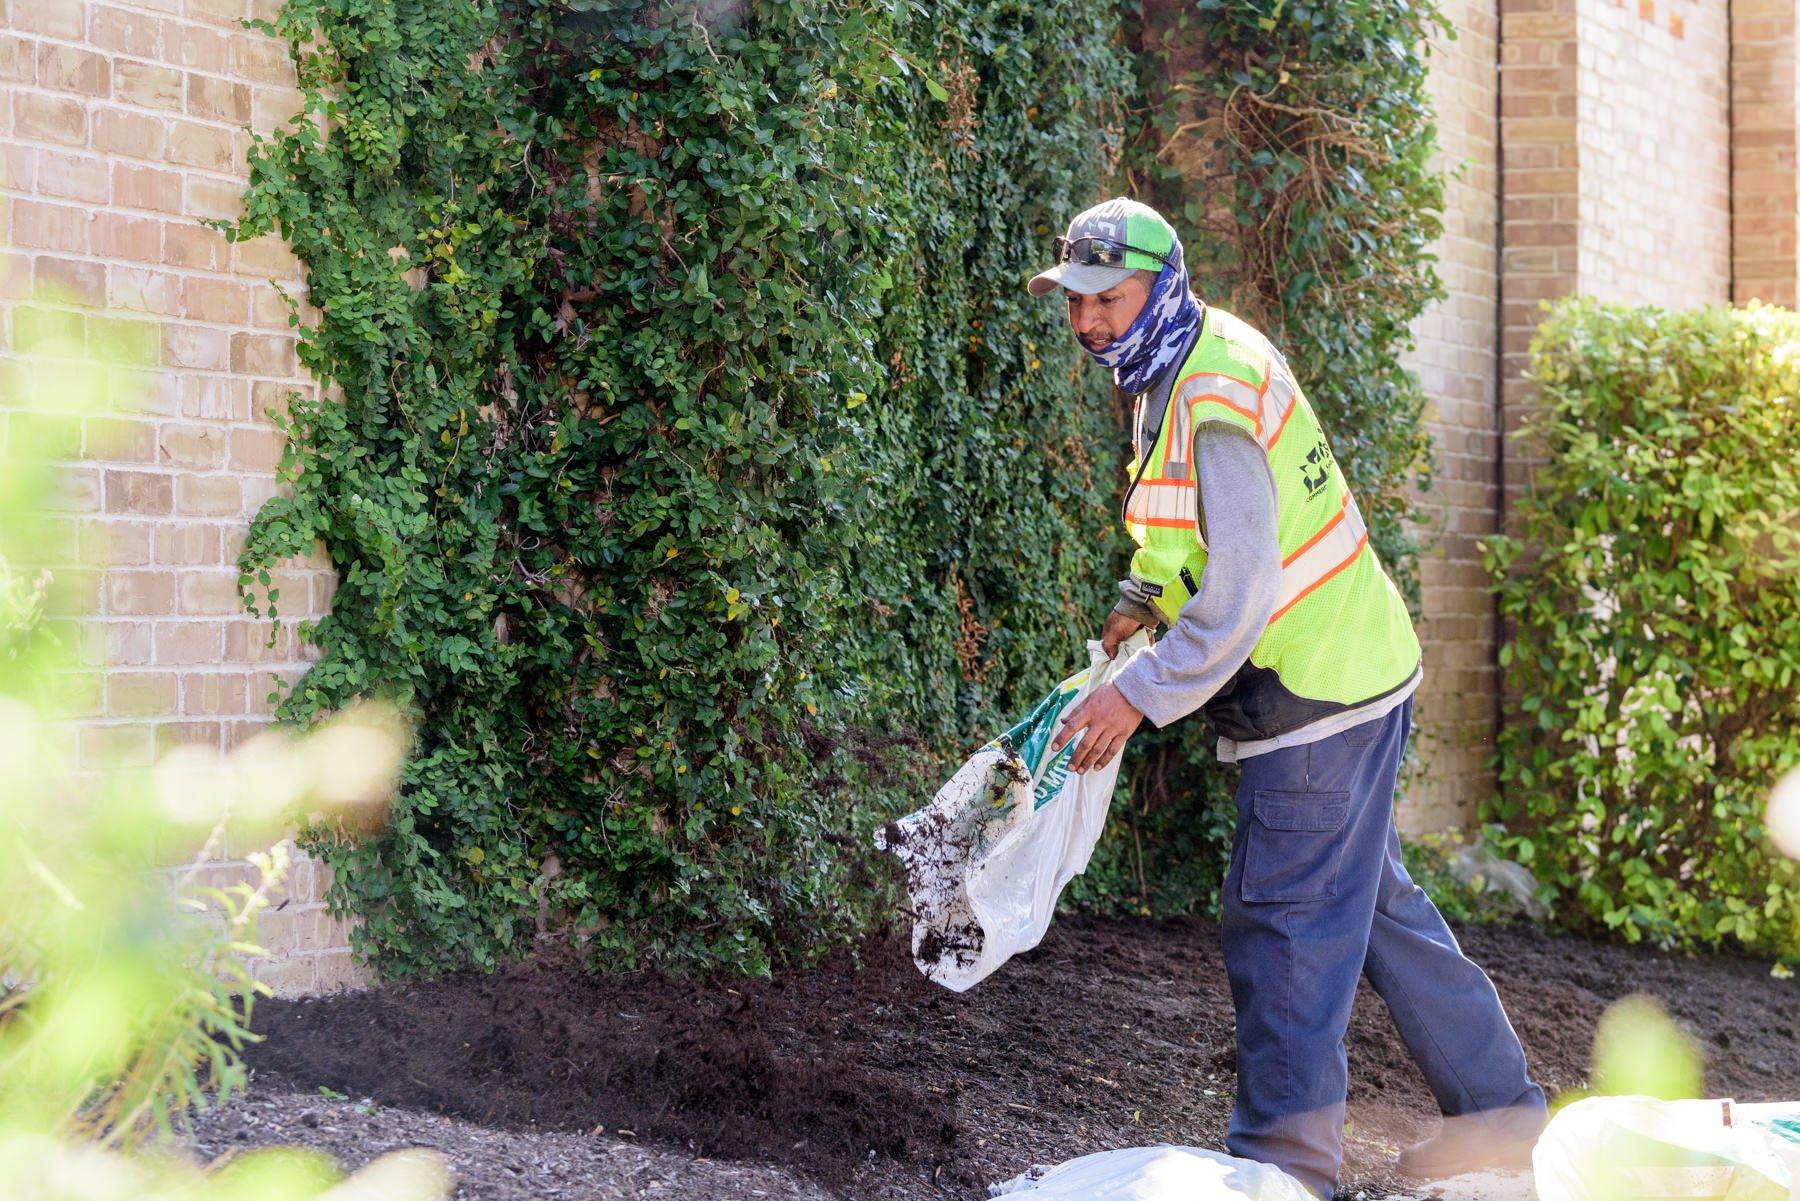 Landscape crew adding mulch to a garden bed